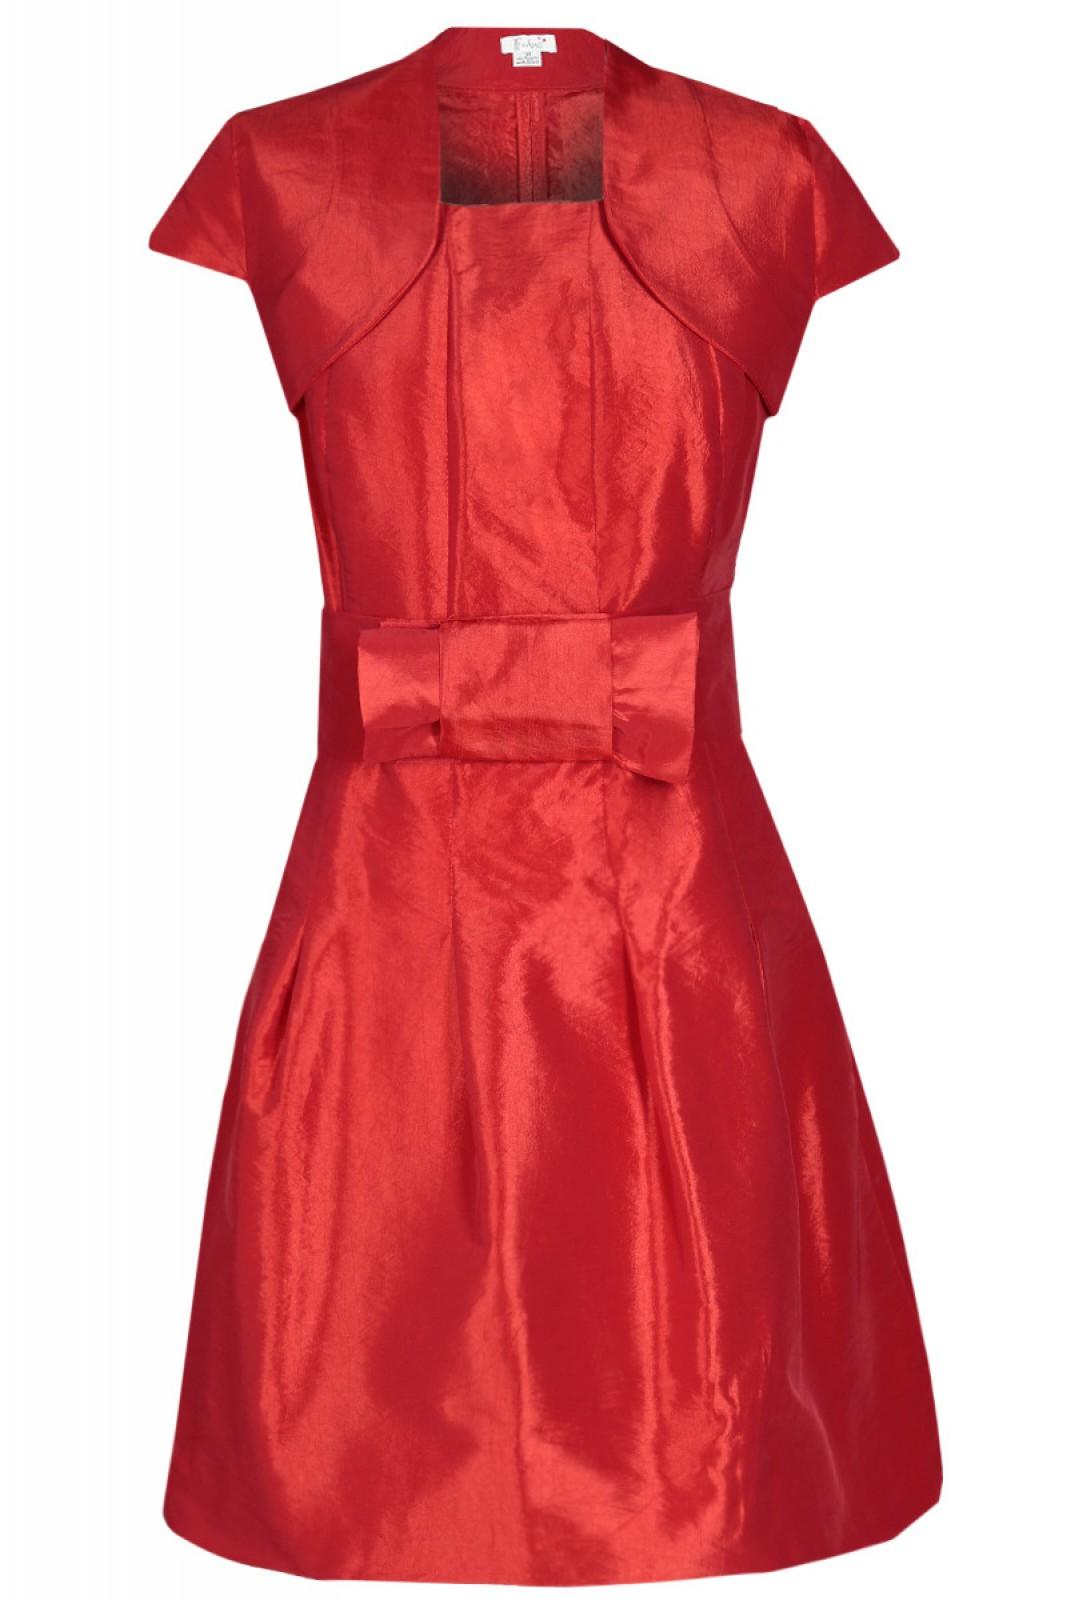 Partykleid rot mit Ballonrock und Stoff-Gürtel mit Schleife - ...